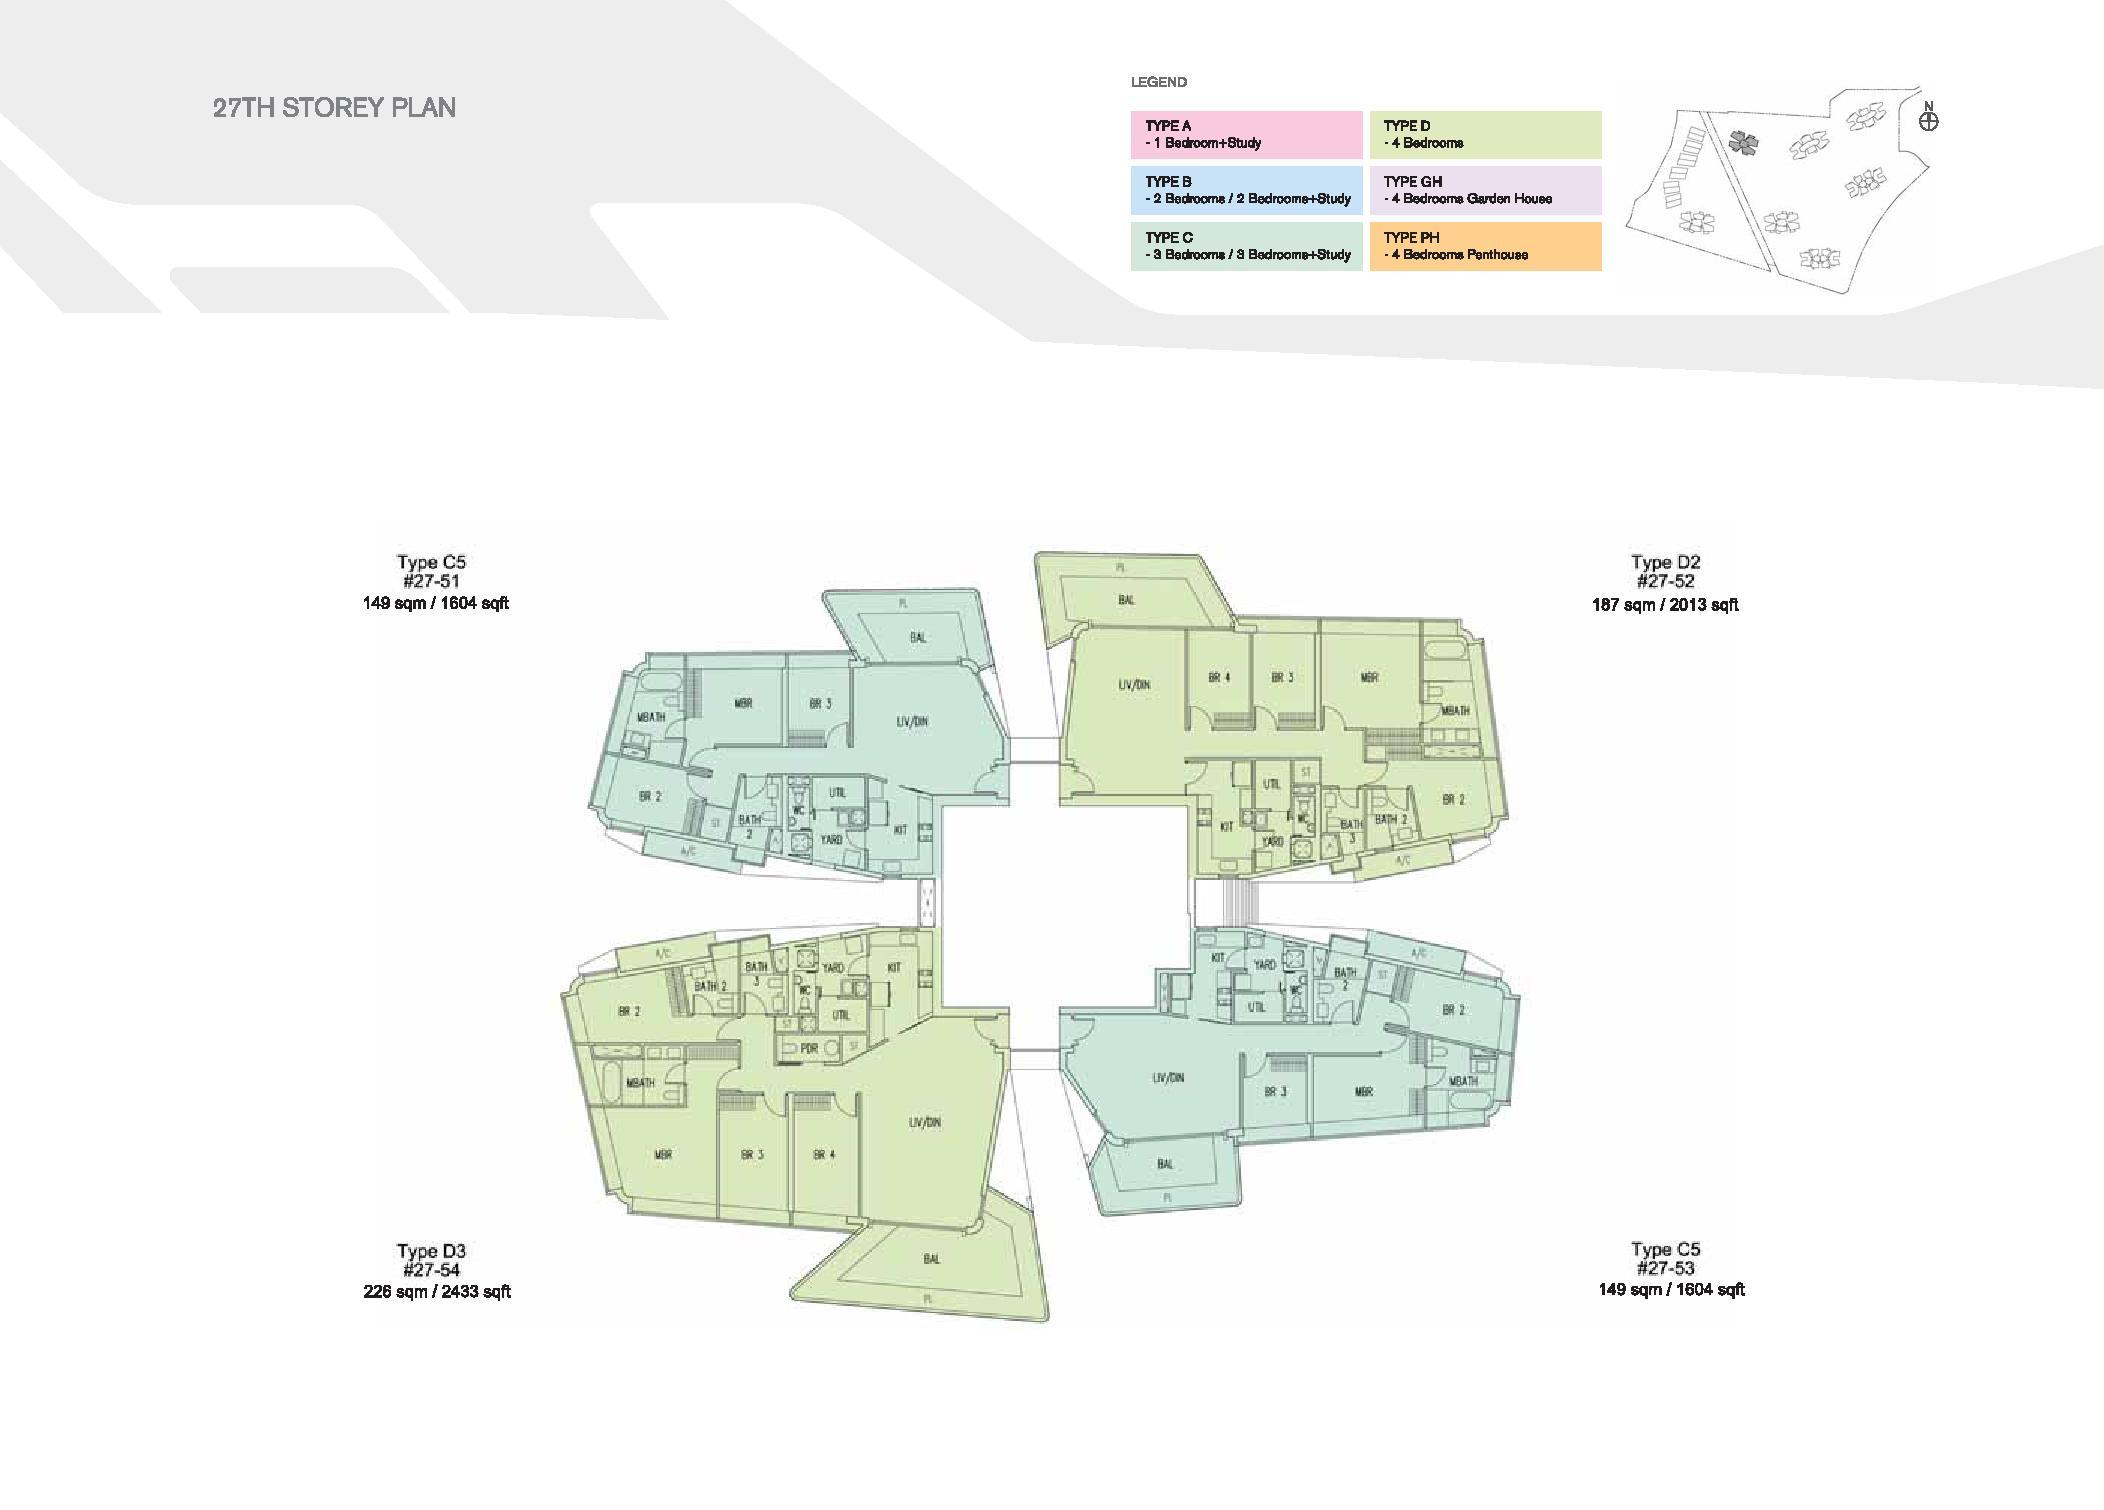 D'Leedon Block 15 27th Storey Floor Plans